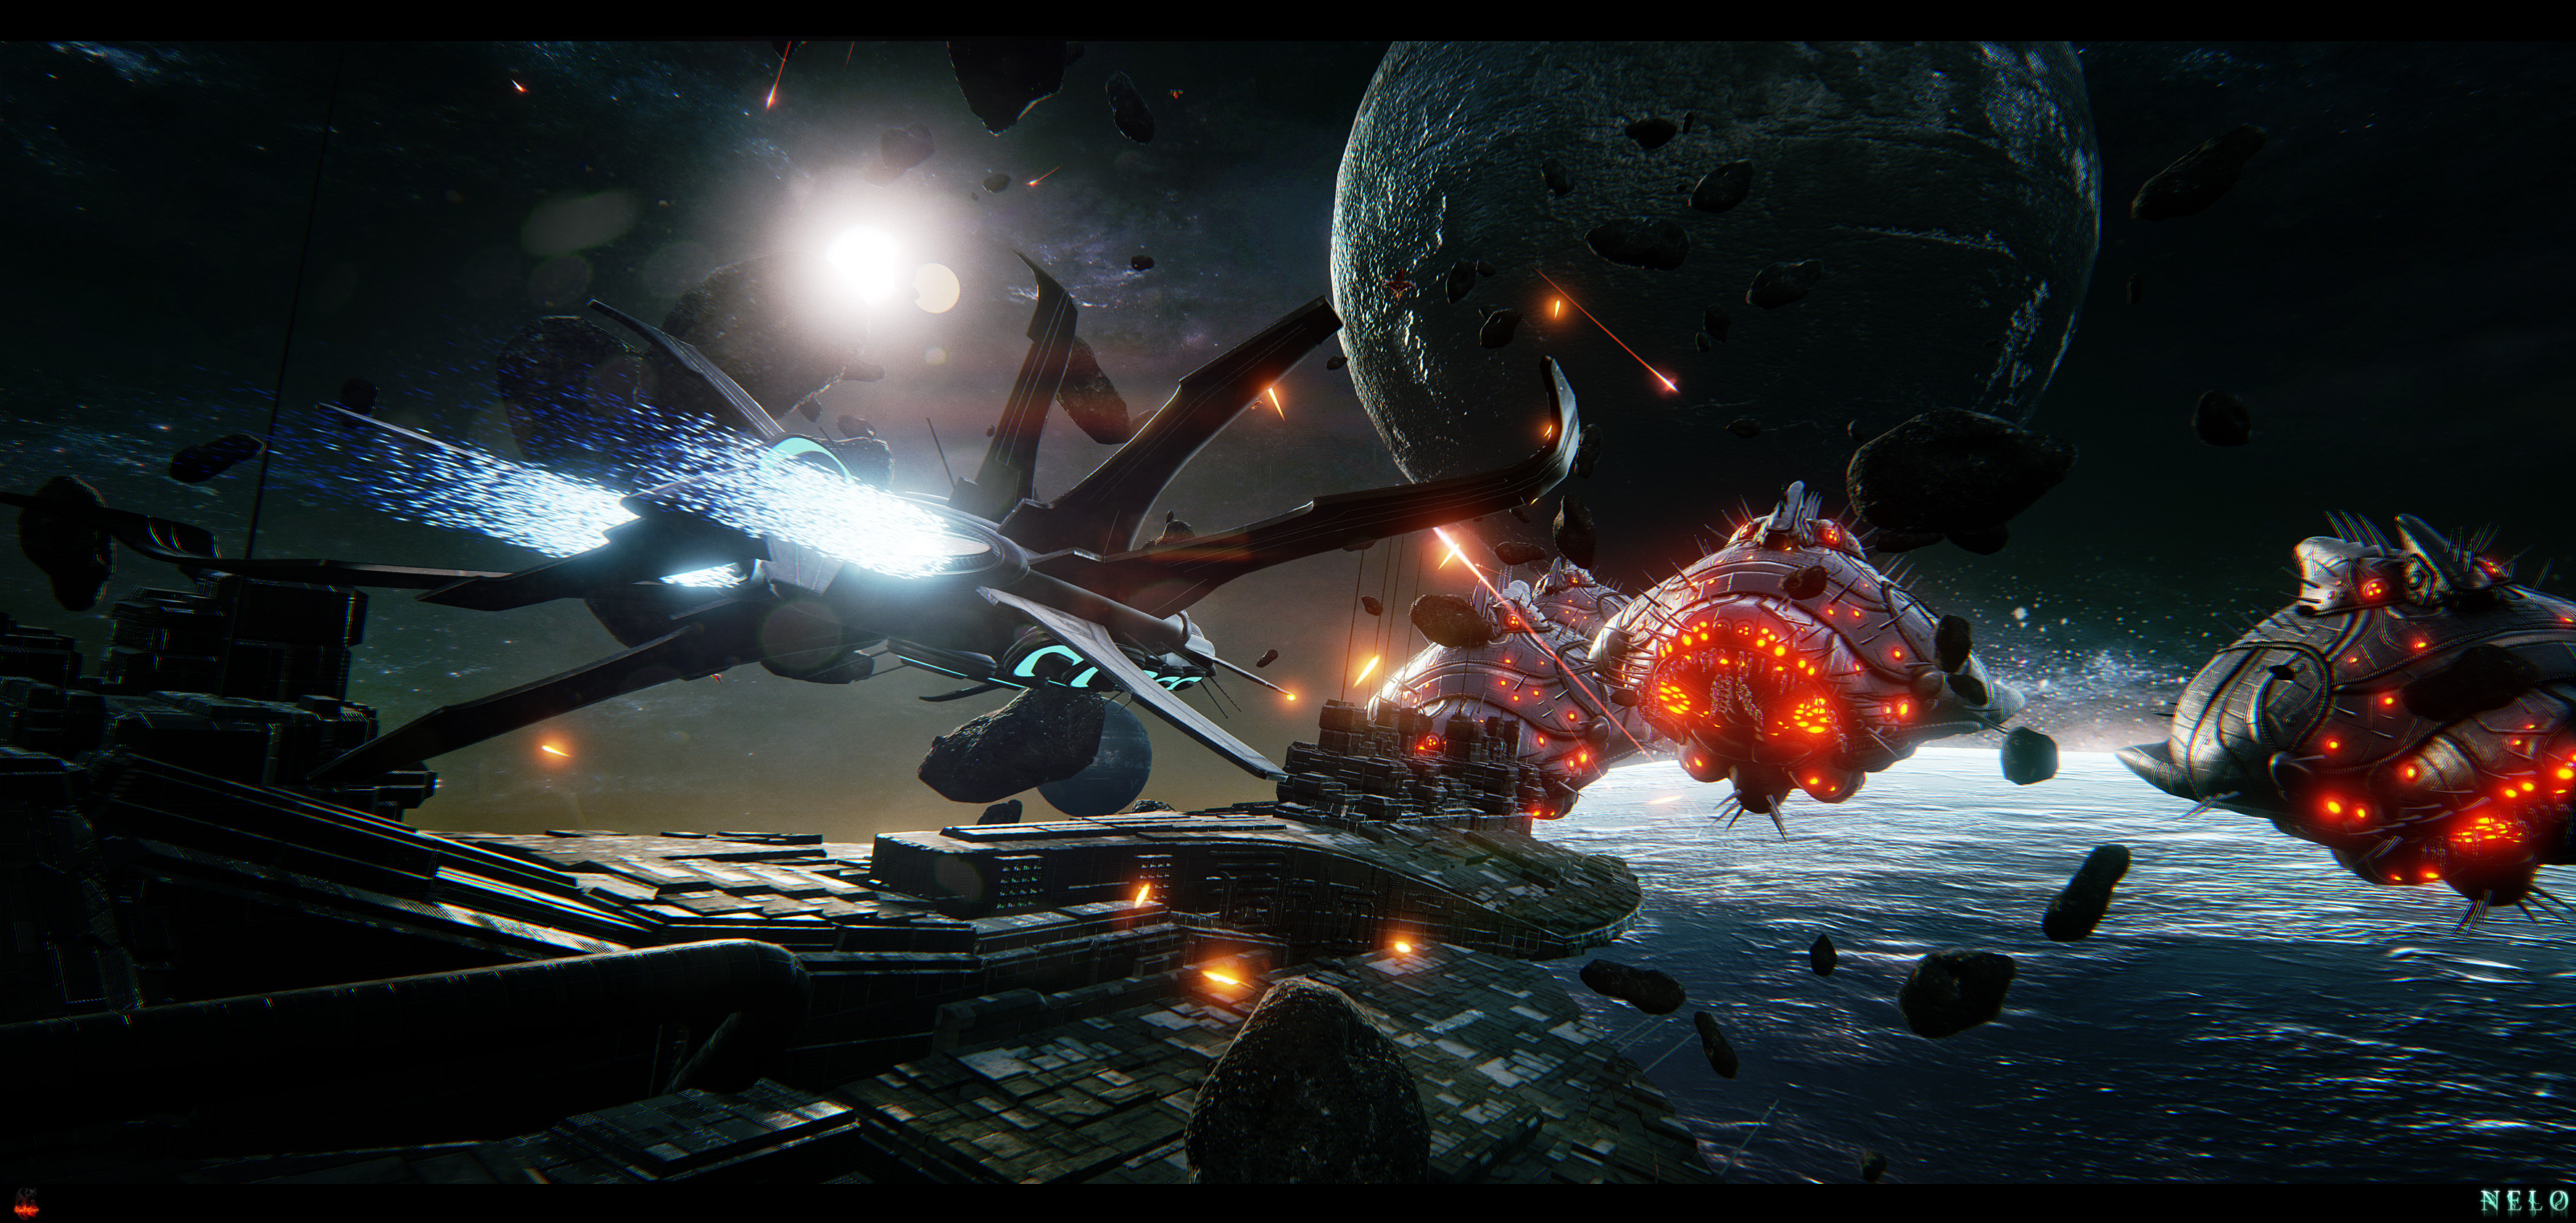 SpaceBattleRender2.jpg